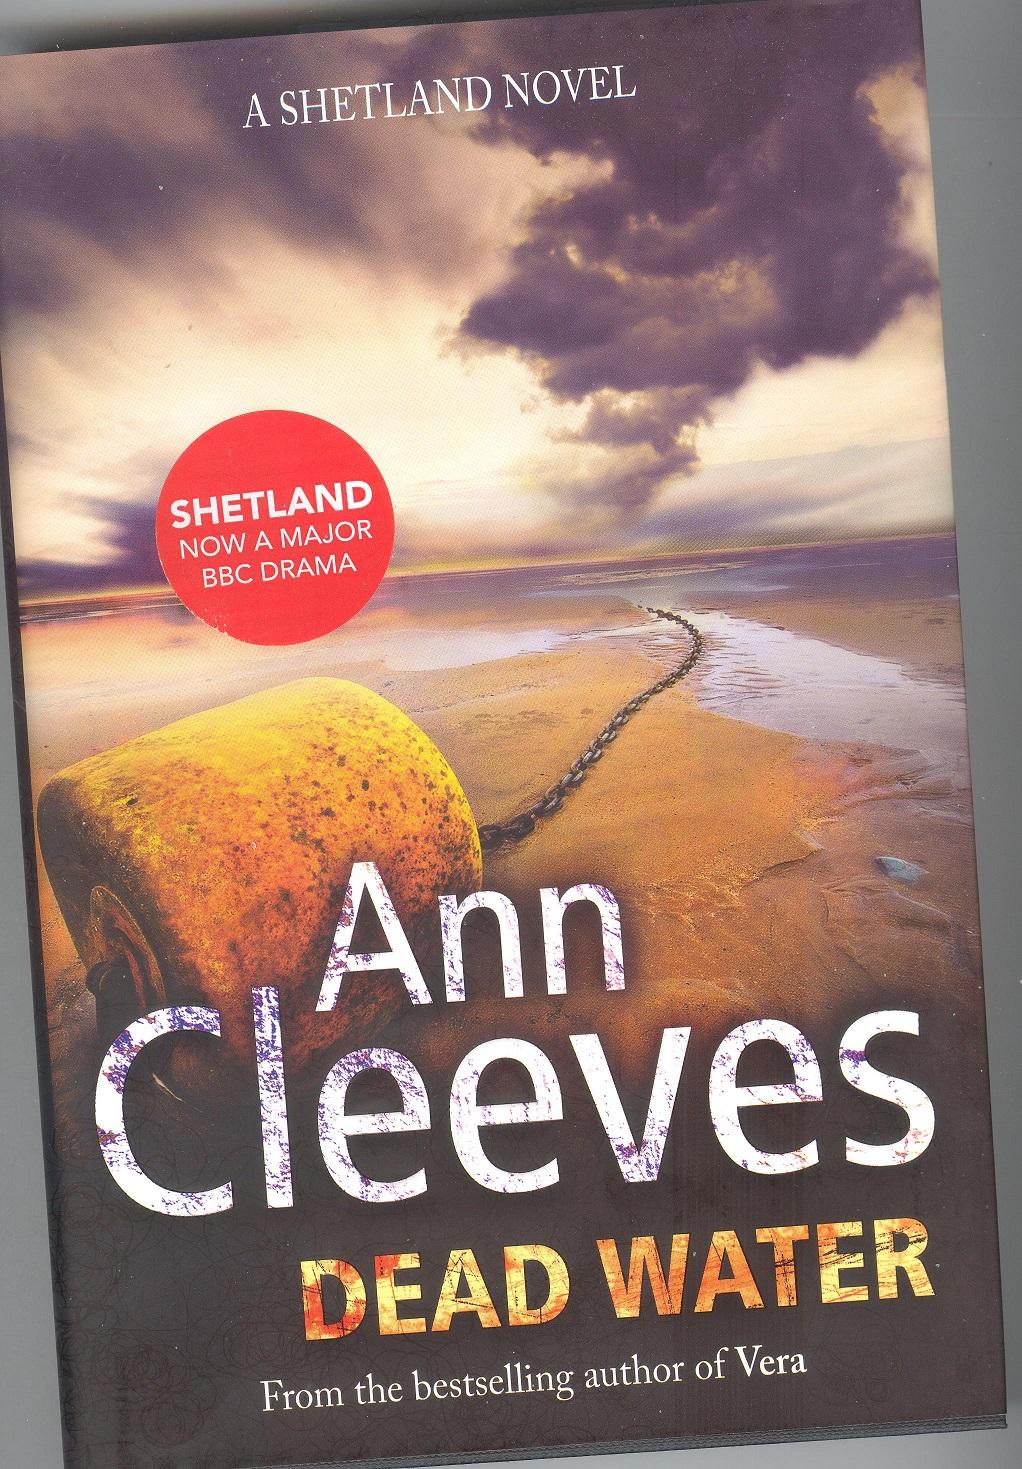 Ann cleeves dead water